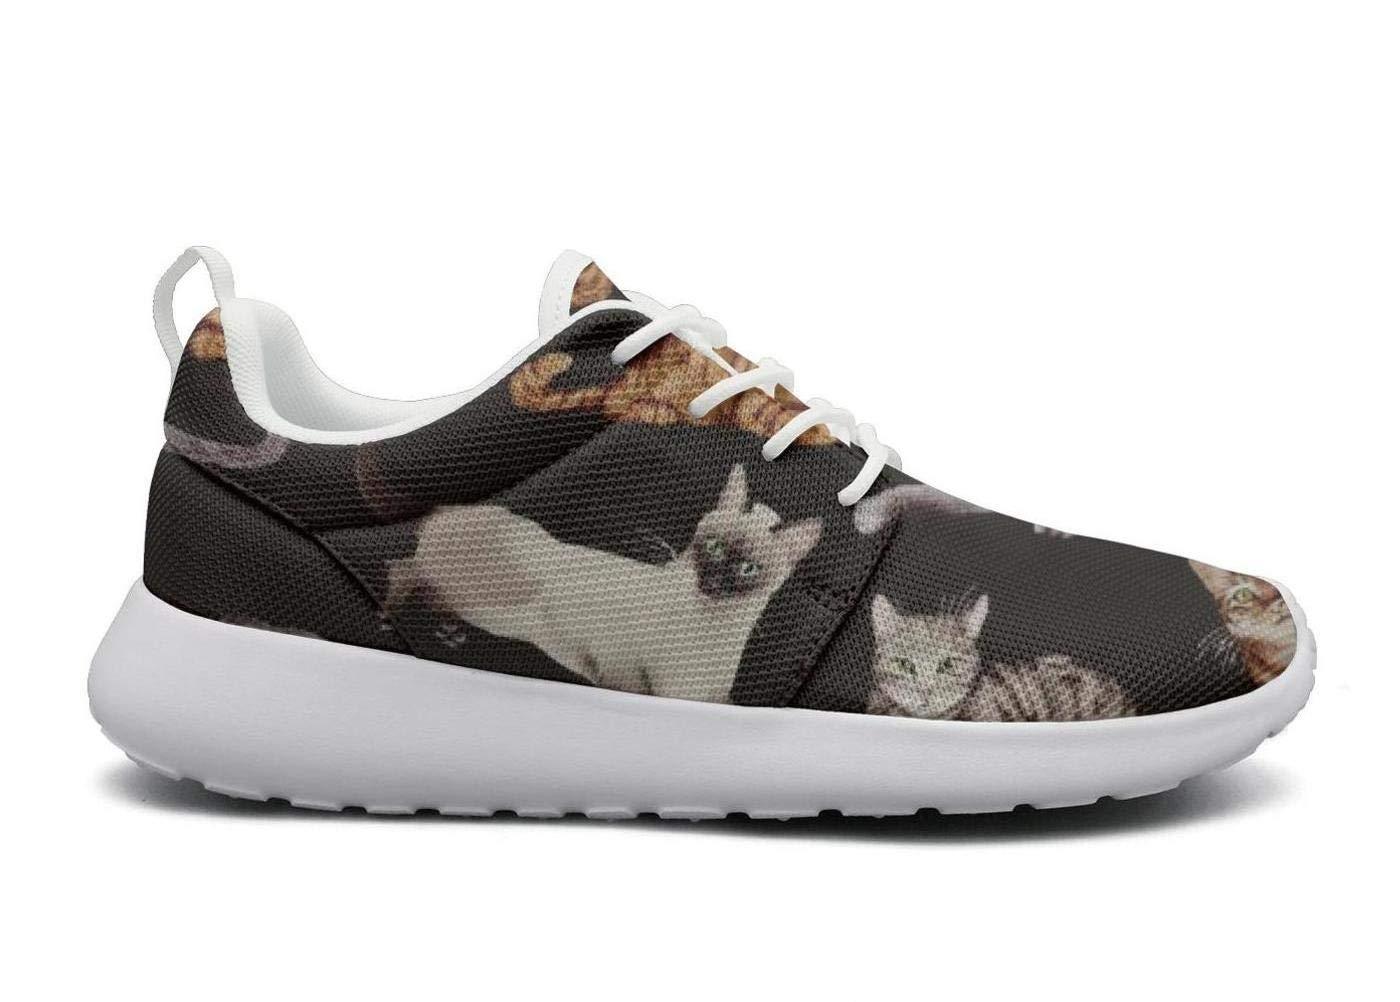 ERSER Relaxing Cats-01 Neutral Running Shoes Women